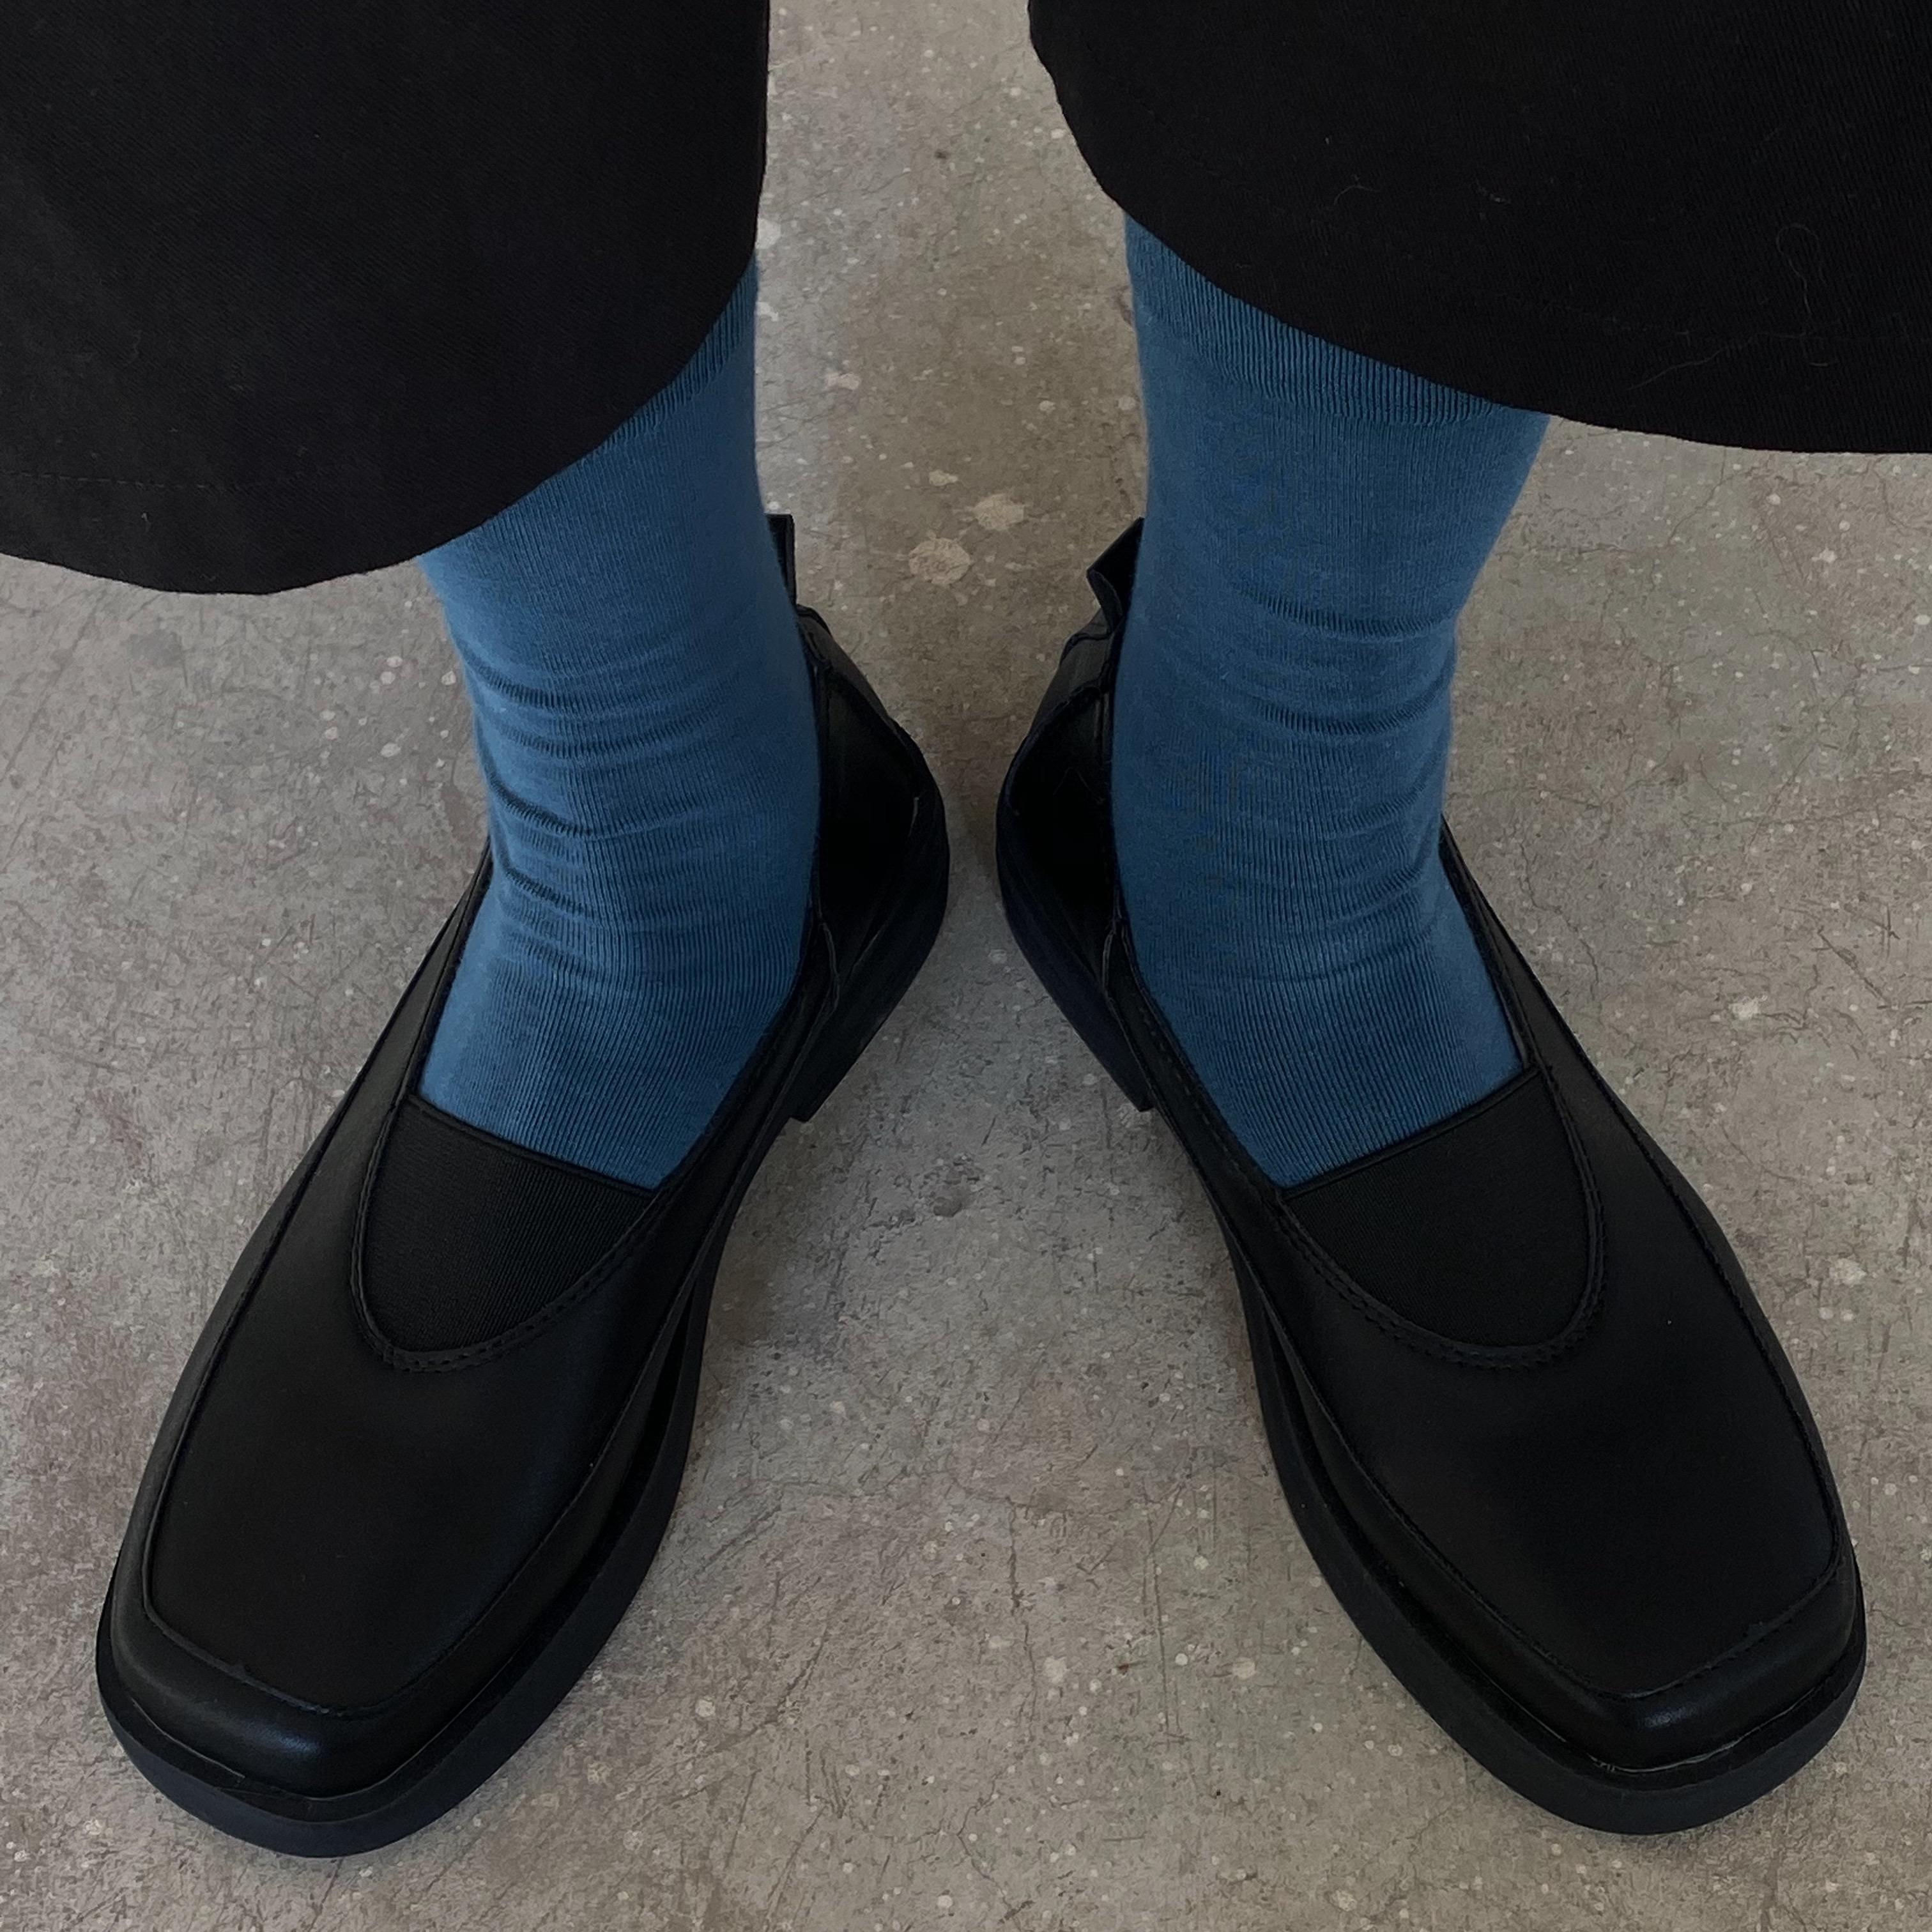 小黄桃韩国ulzzang女鞋潮秋冬复古方口玛丽珍鞋松紧乐福小皮鞋图片